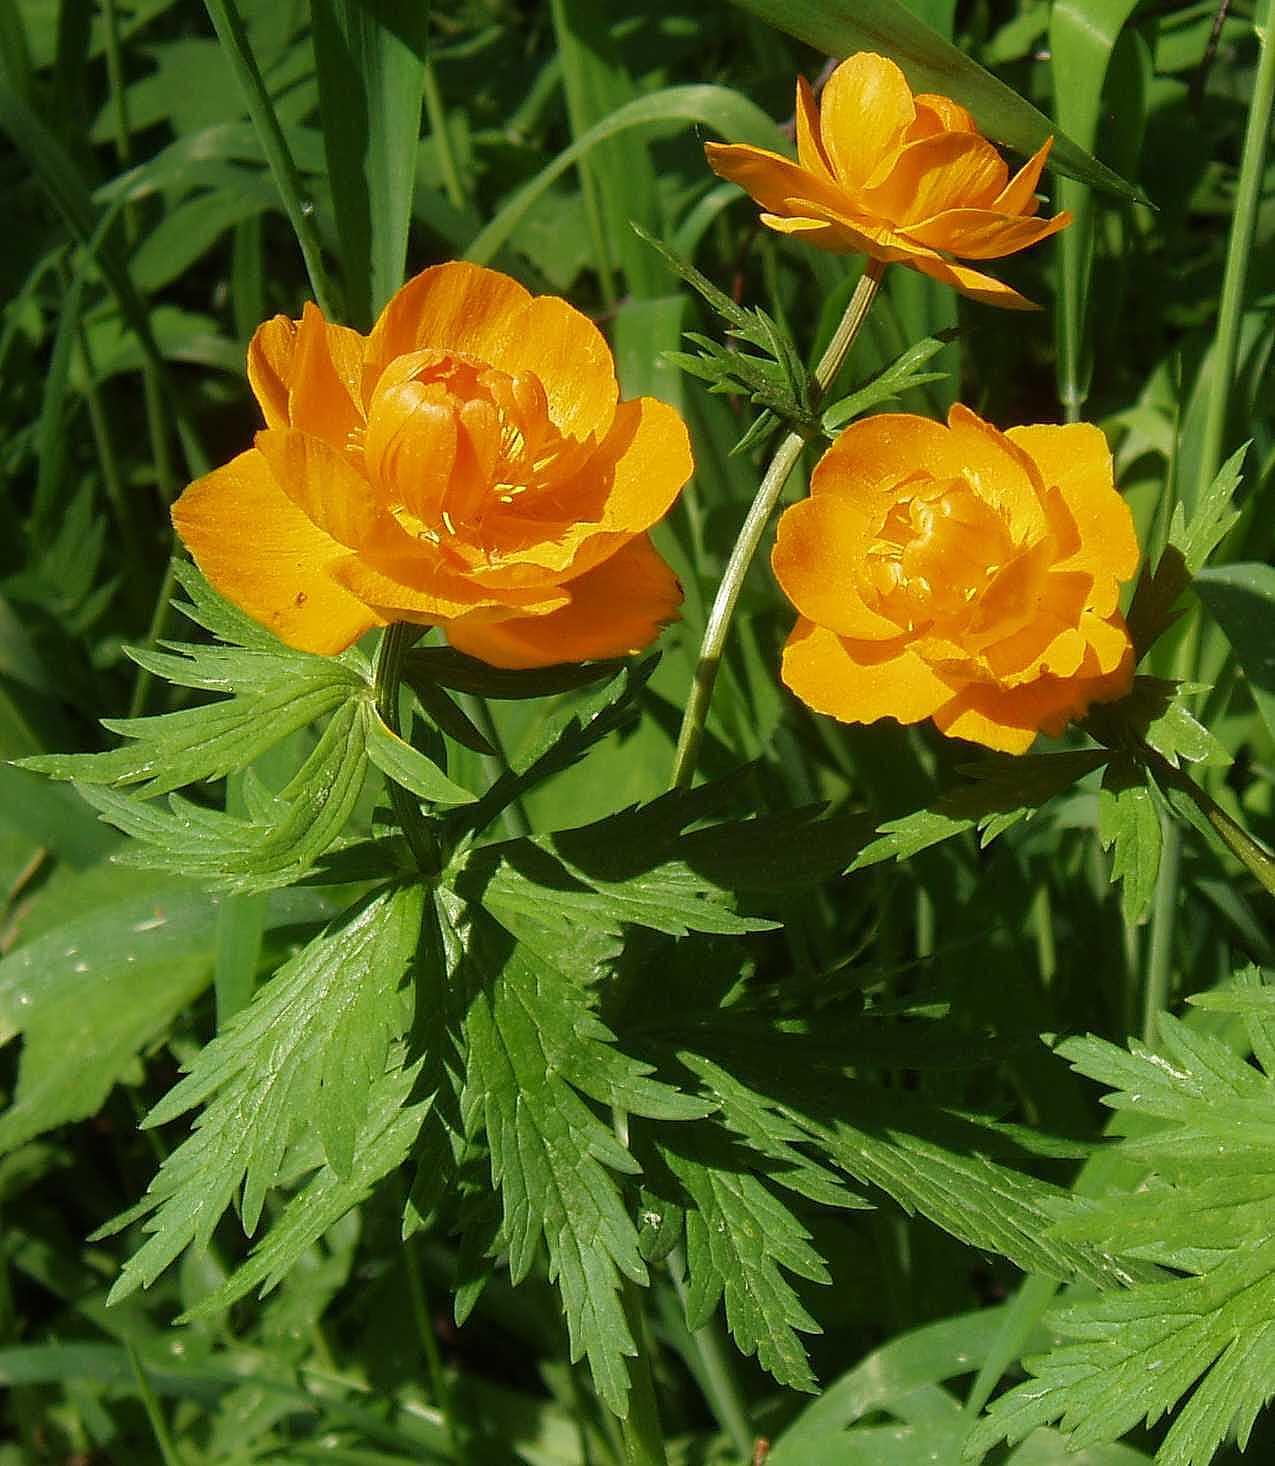 Цветок купальница: фото растения, описание полезных свойств, как выращивать из семян